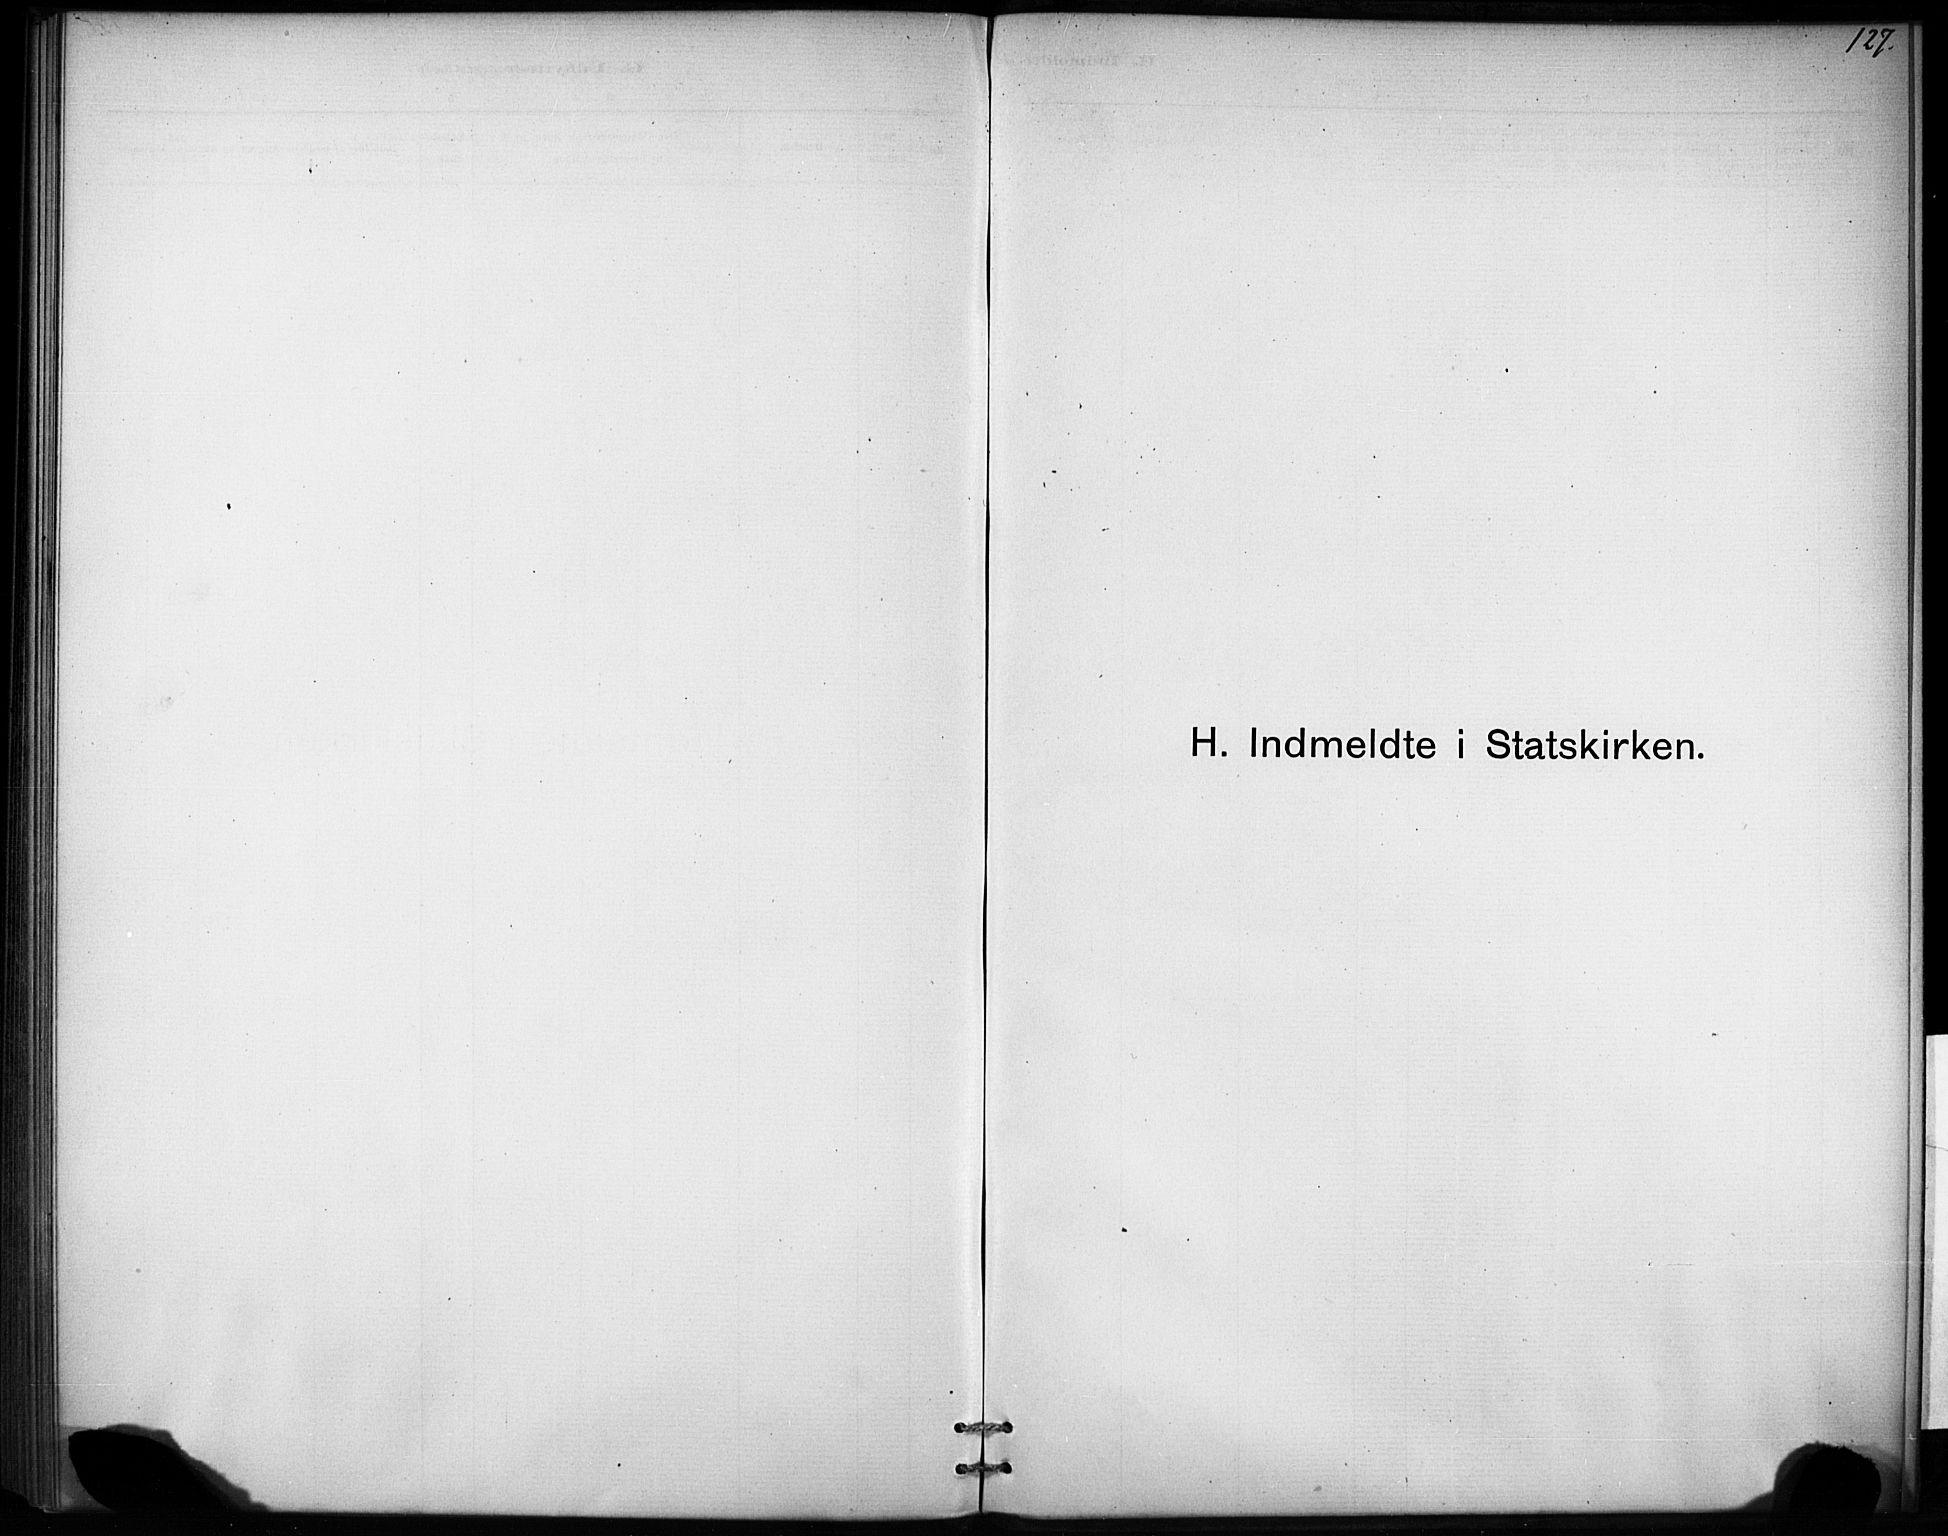 SAT, Ministerialprotokoller, klokkerbøker og fødselsregistre - Sør-Trøndelag, 693/L1119: Ministerialbok nr. 693A01, 1887-1905, s. 127